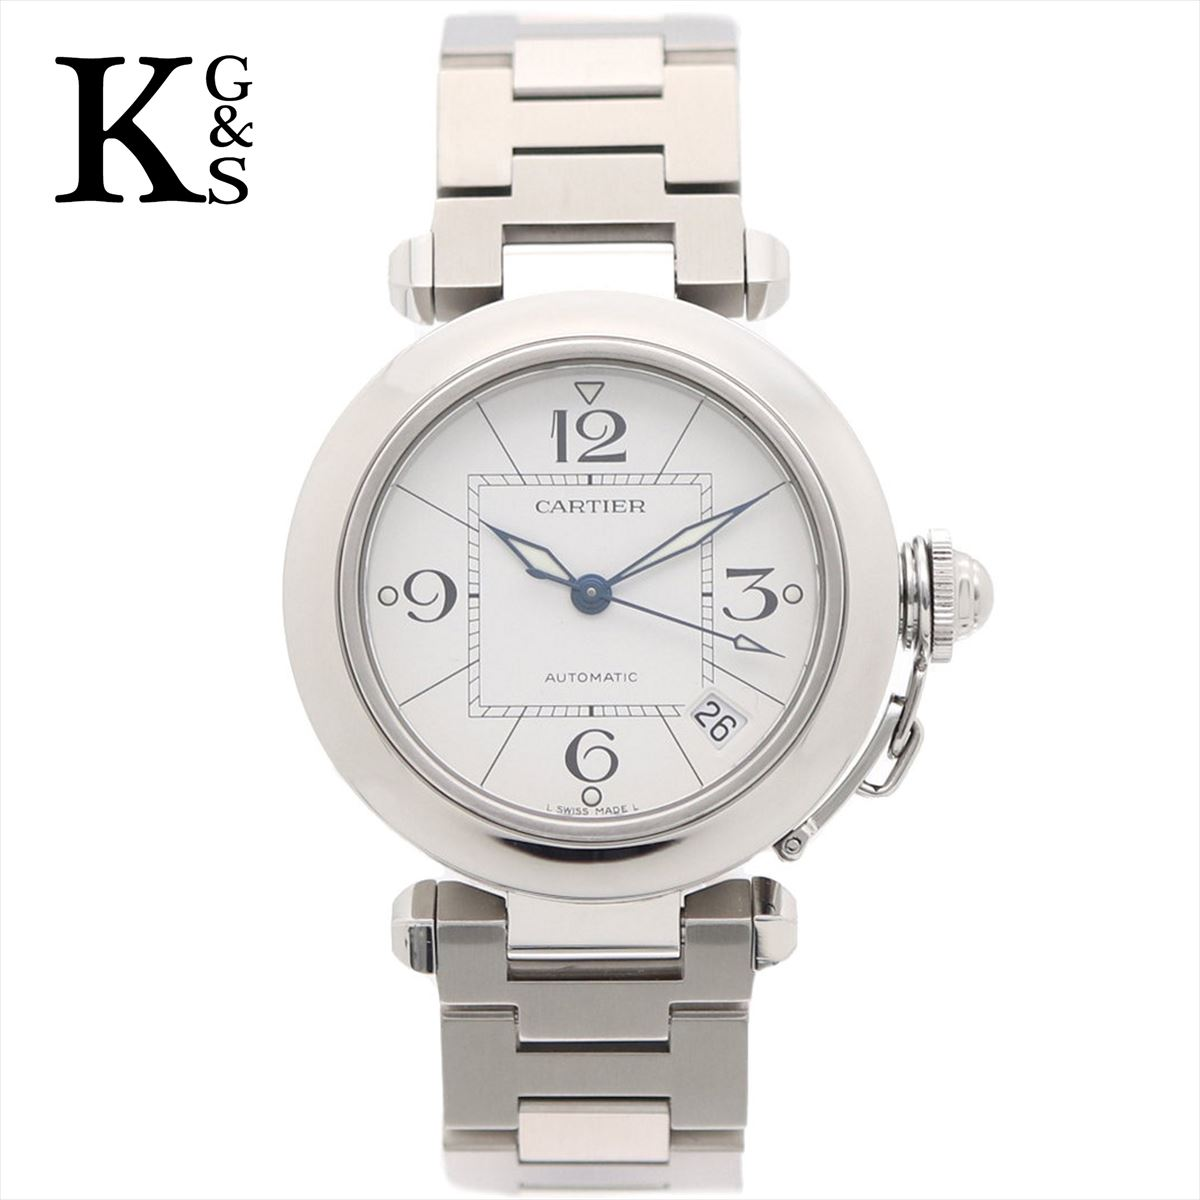 【新古品】カルティエ/Cartier ボーイズ 腕時計 パシャC シルバー×ホワイト文字盤 ステンレススチール スモールデイト 自動巻き W31074M7